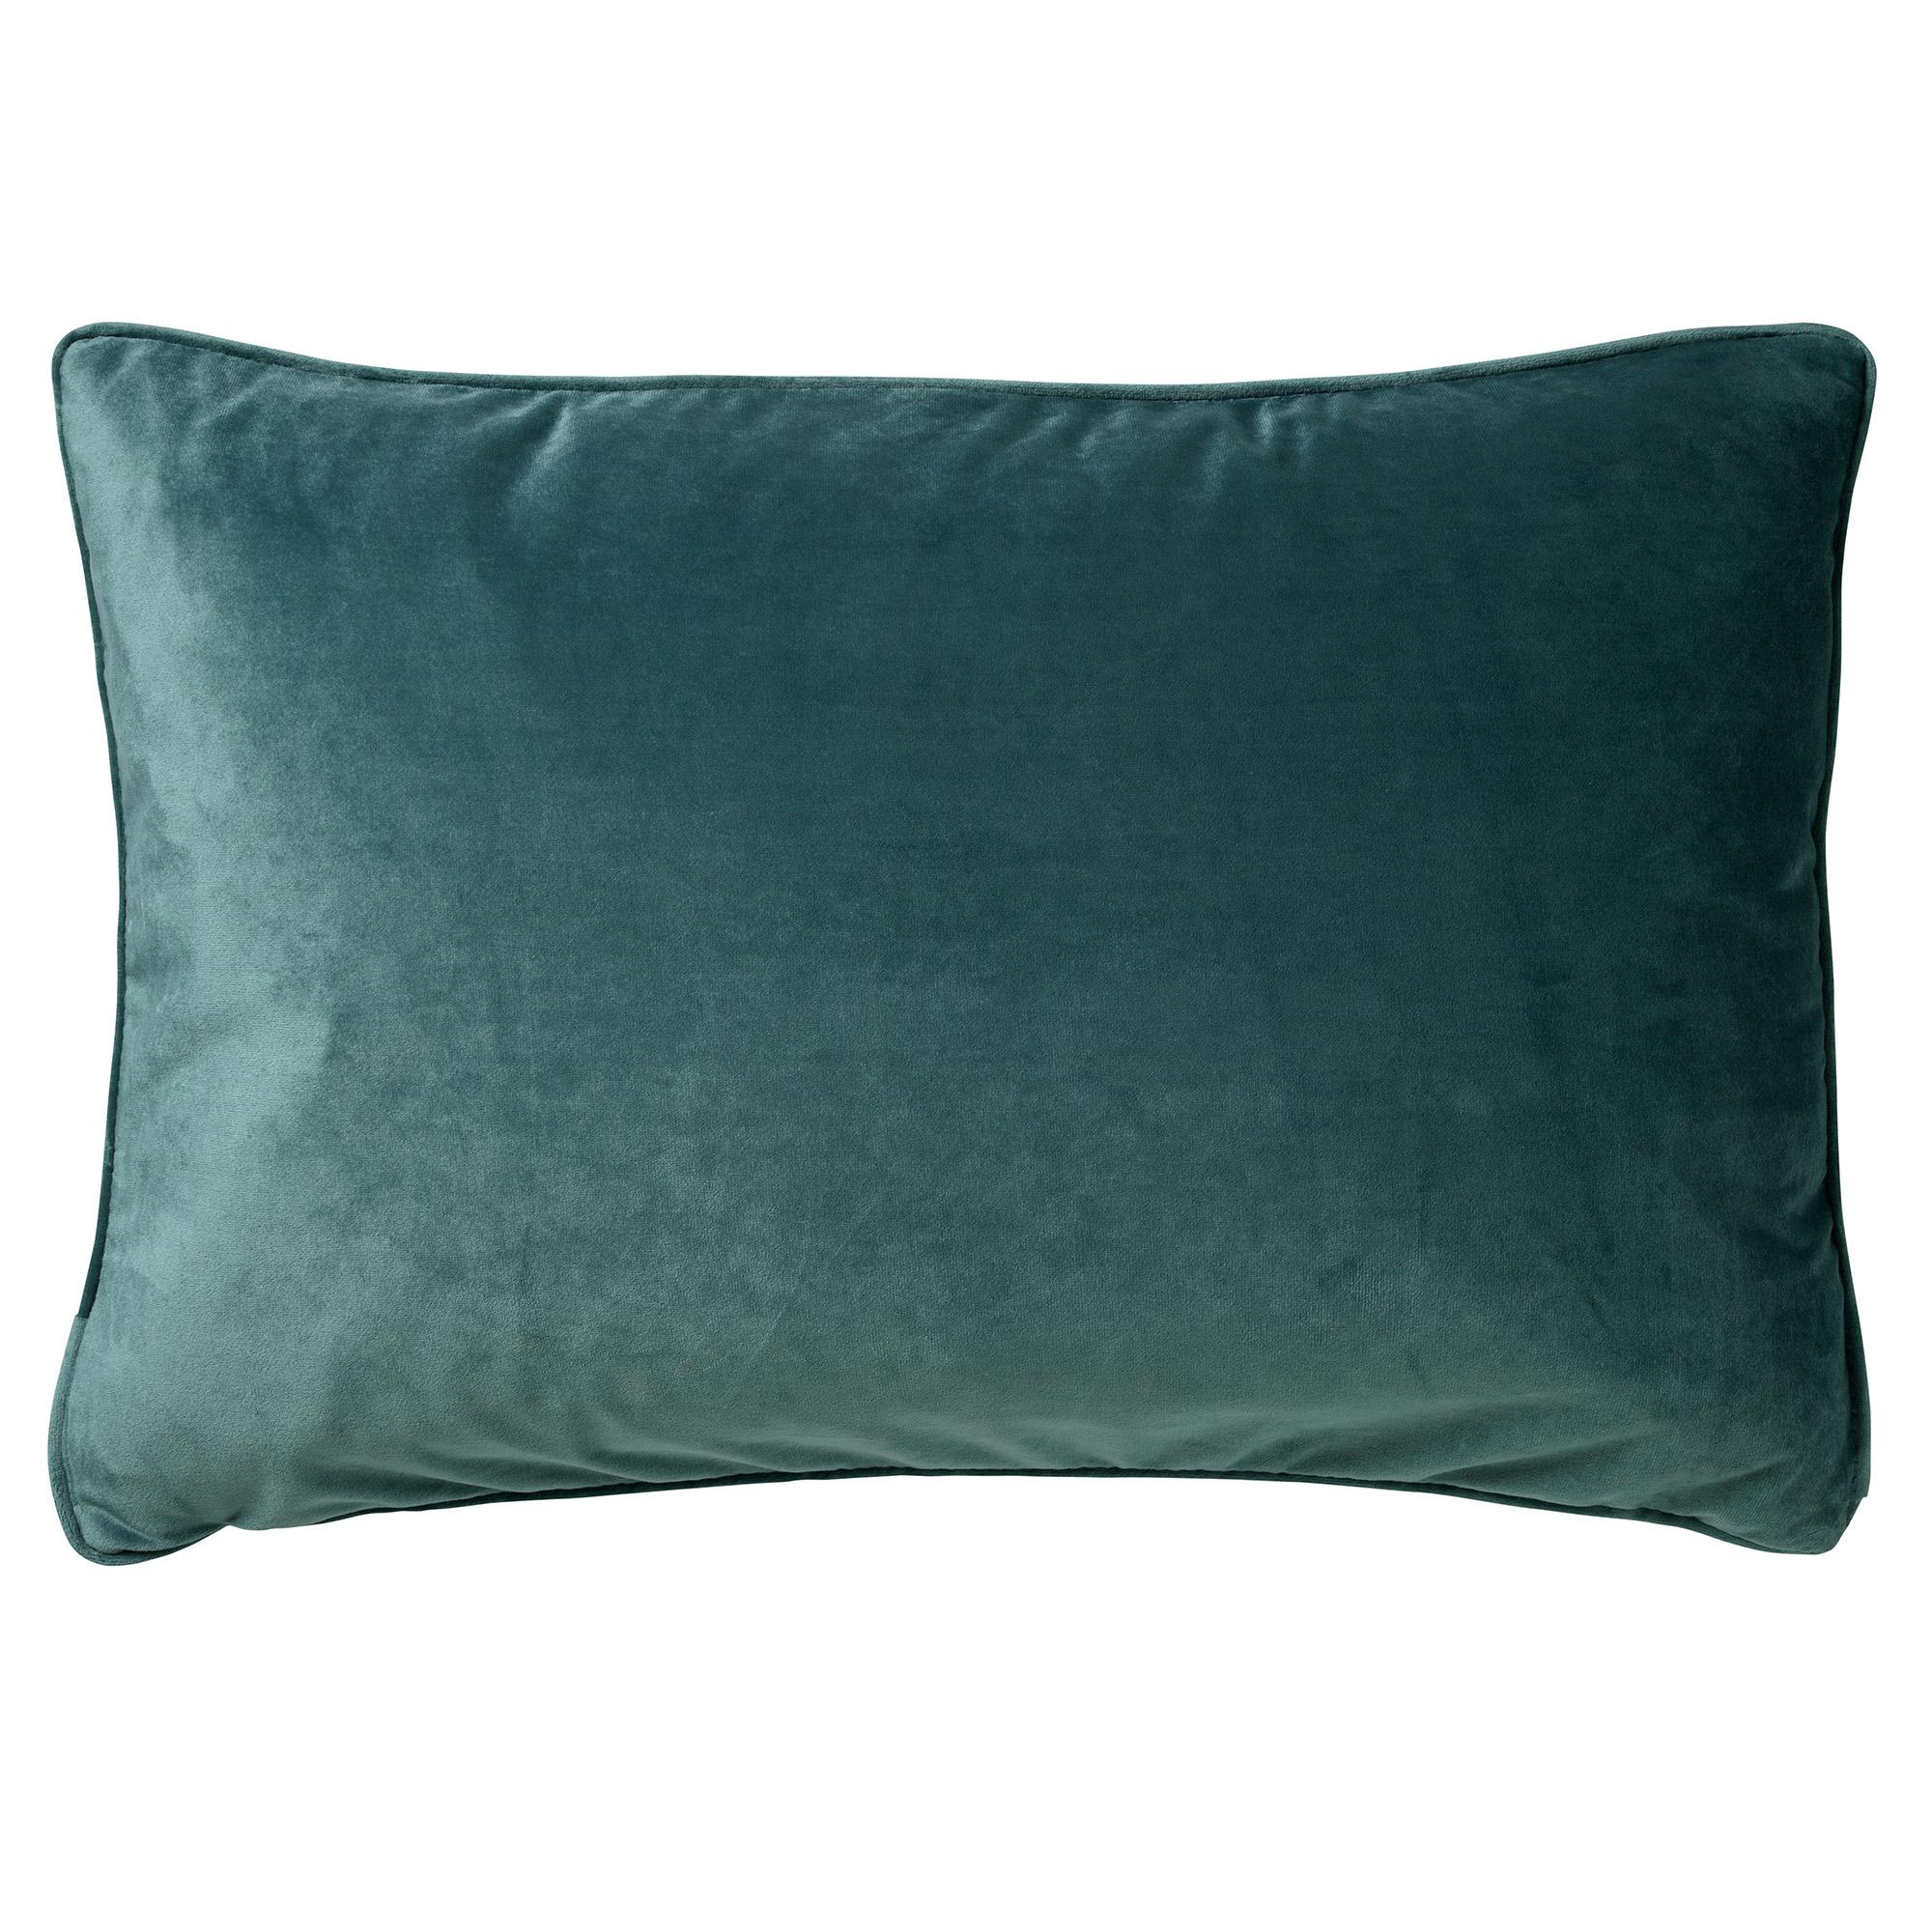 FINN - Sierkussen velvet Sagebrush Green 40x60 cm